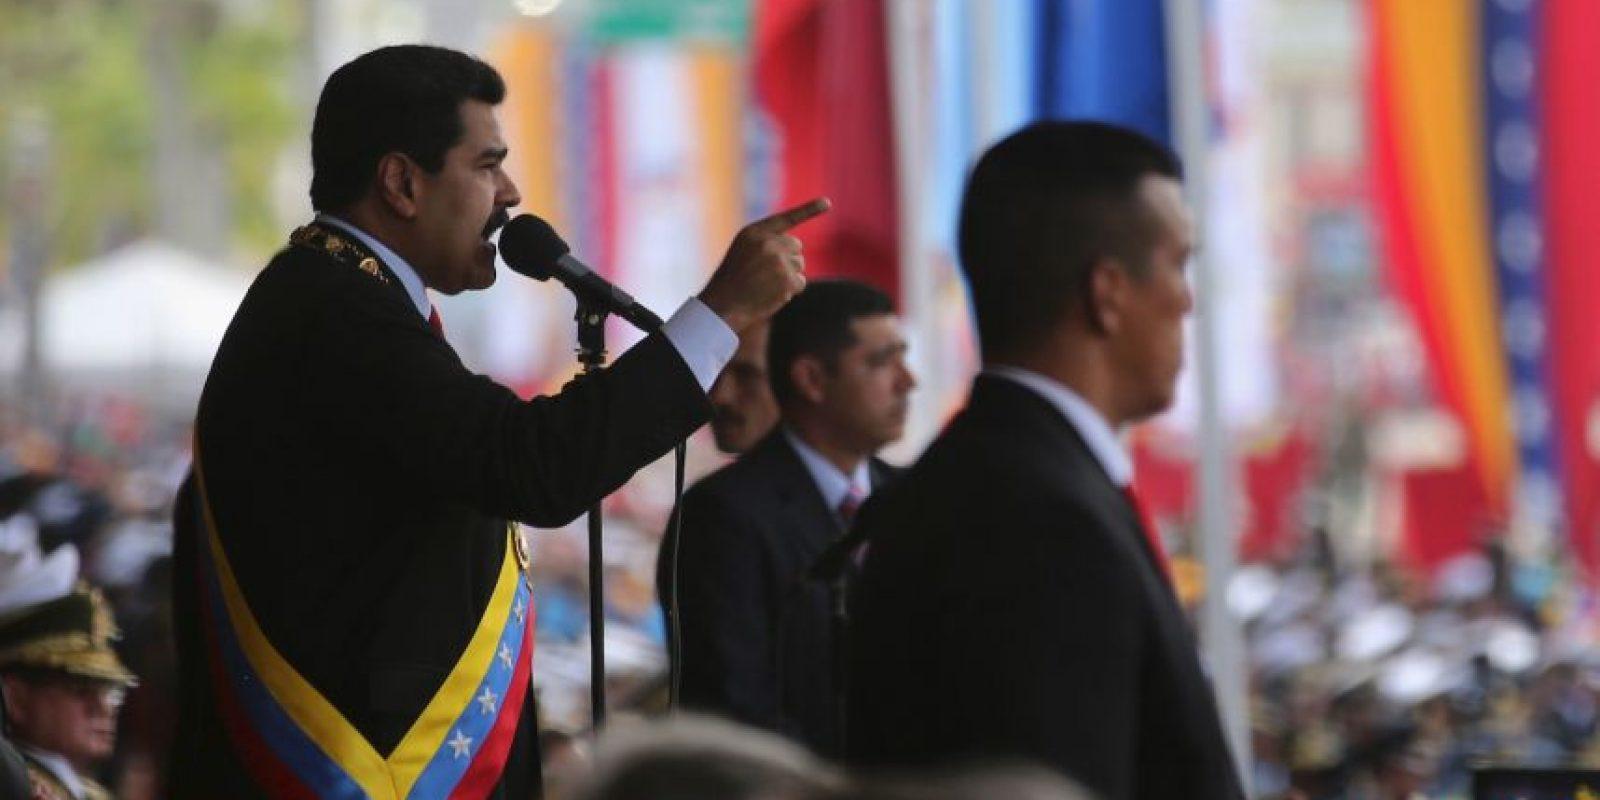 En el texto los líderes también detallaron la liberación de los presos políticos como parte de una justicia independiente. Foto:Getty Images